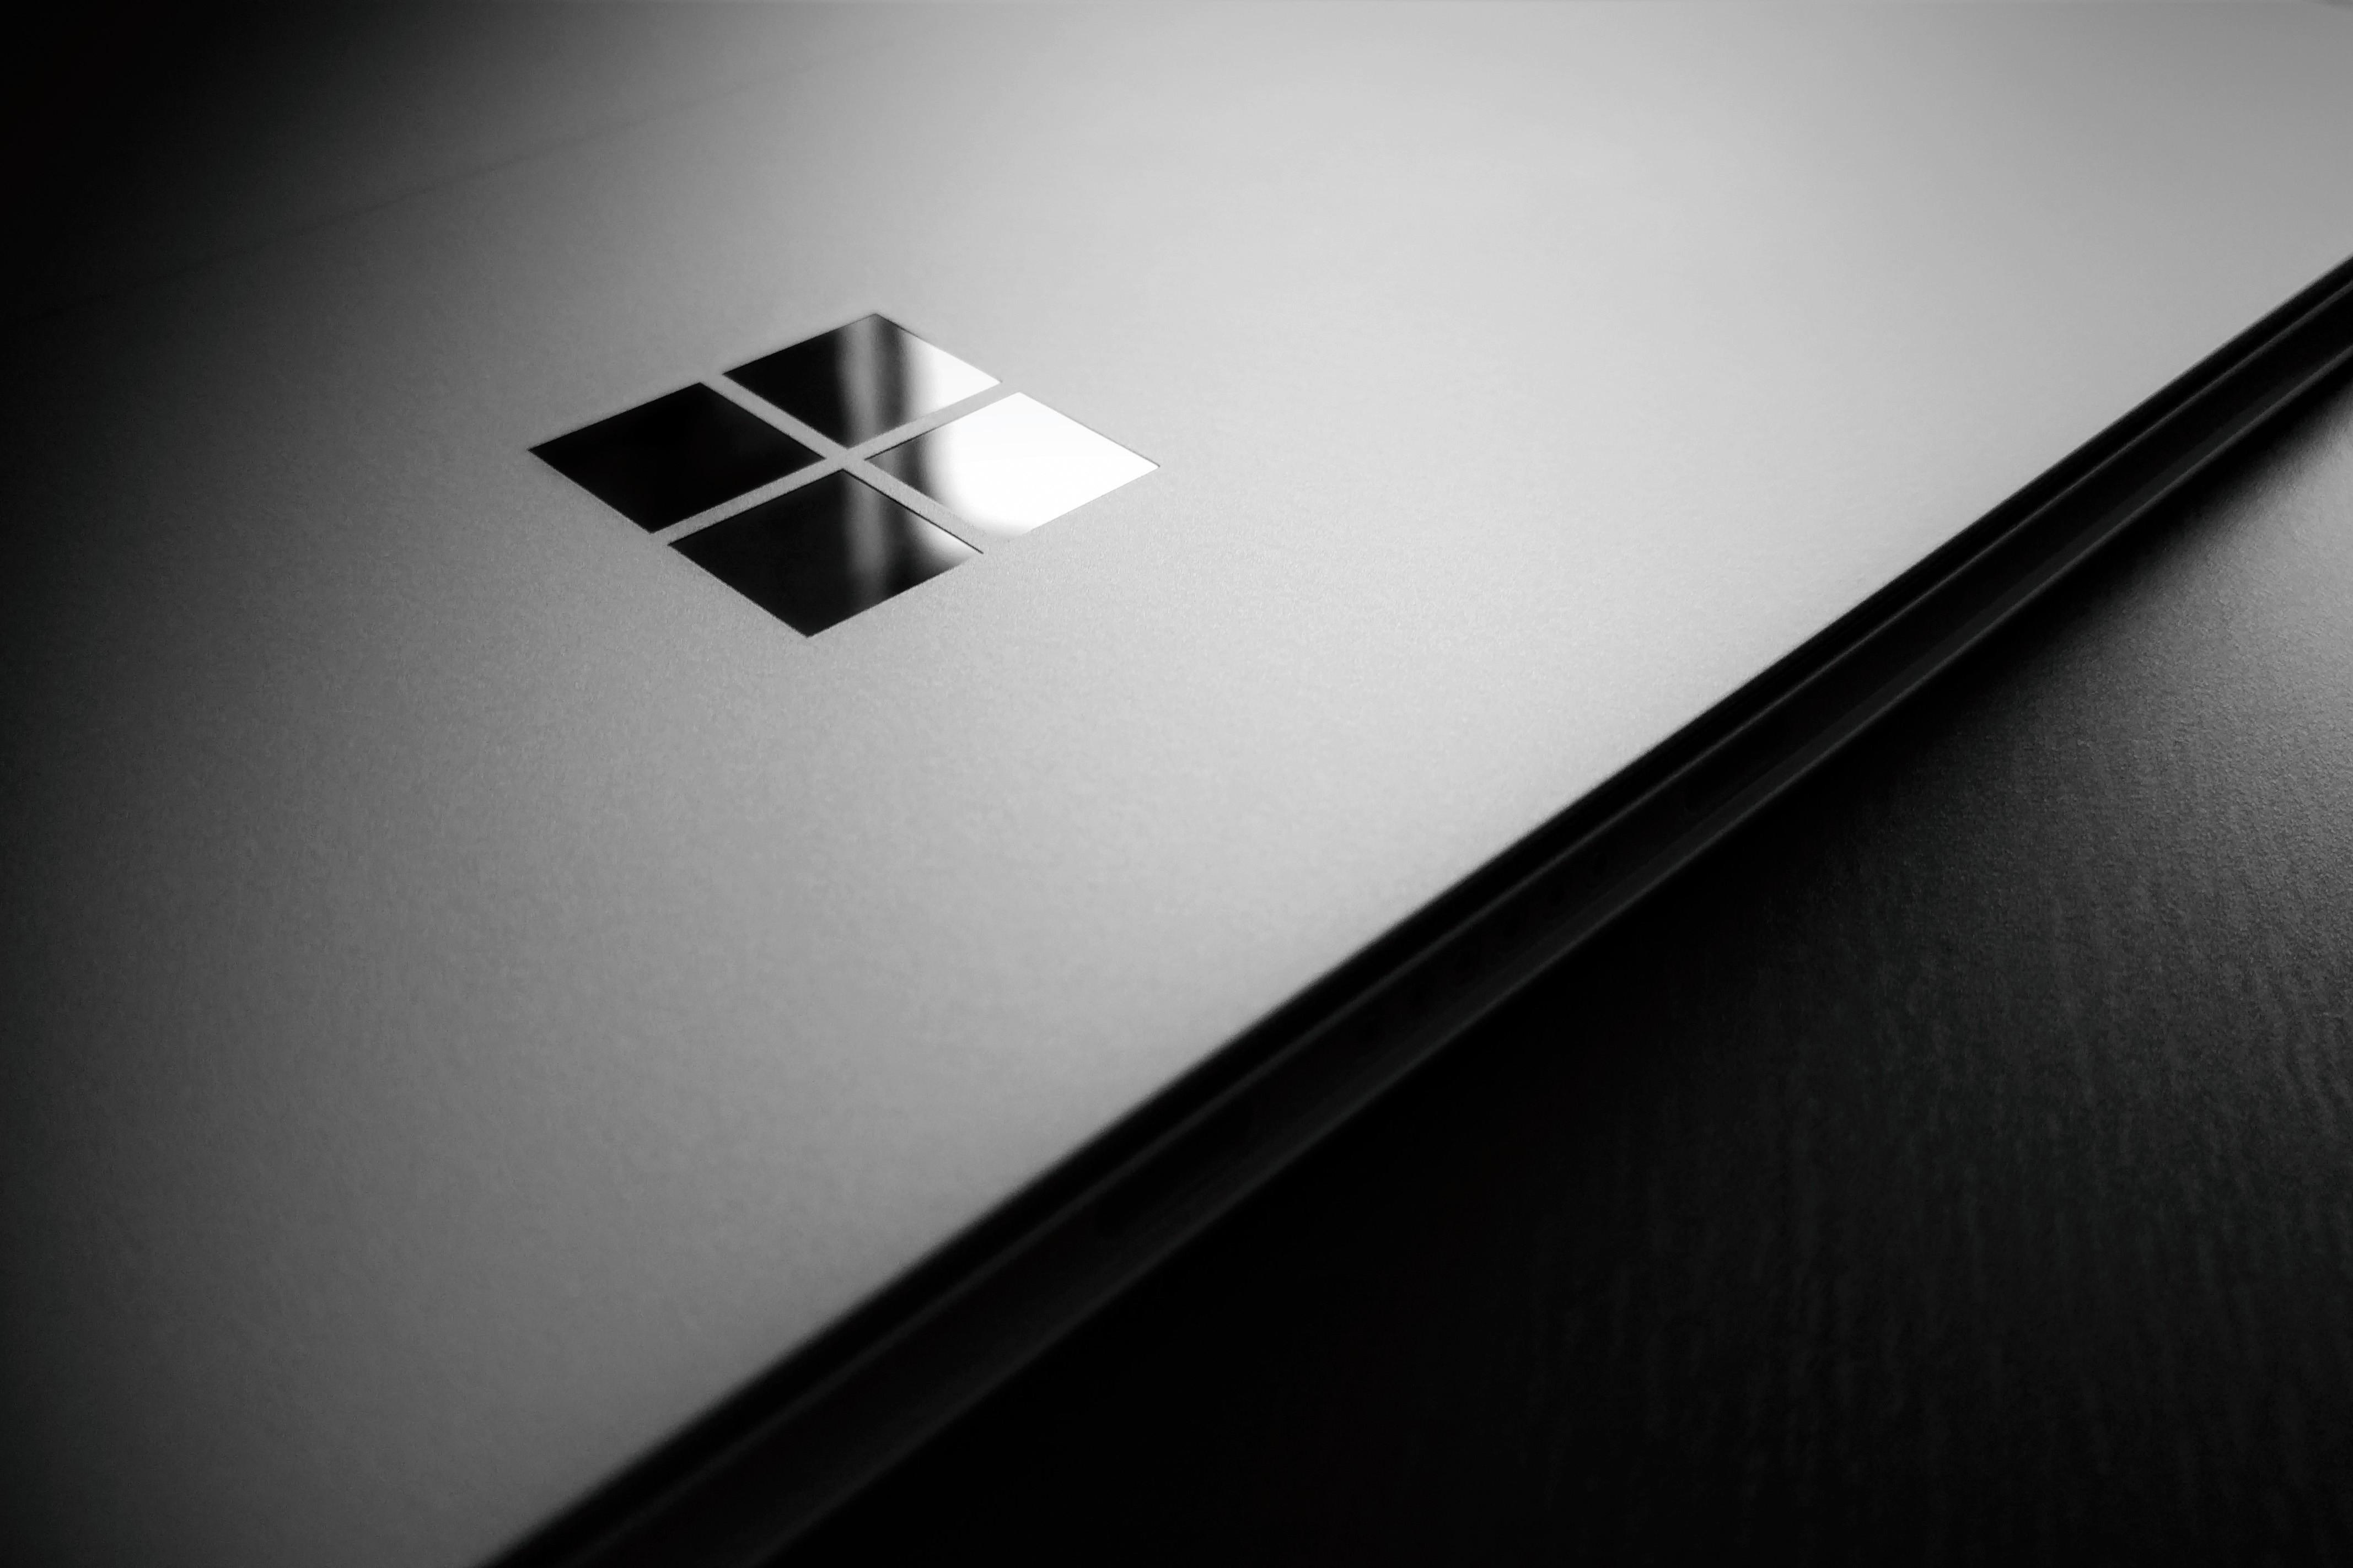 Wallpaper : wooden surface, logo, circle, laptop, Microsoft.